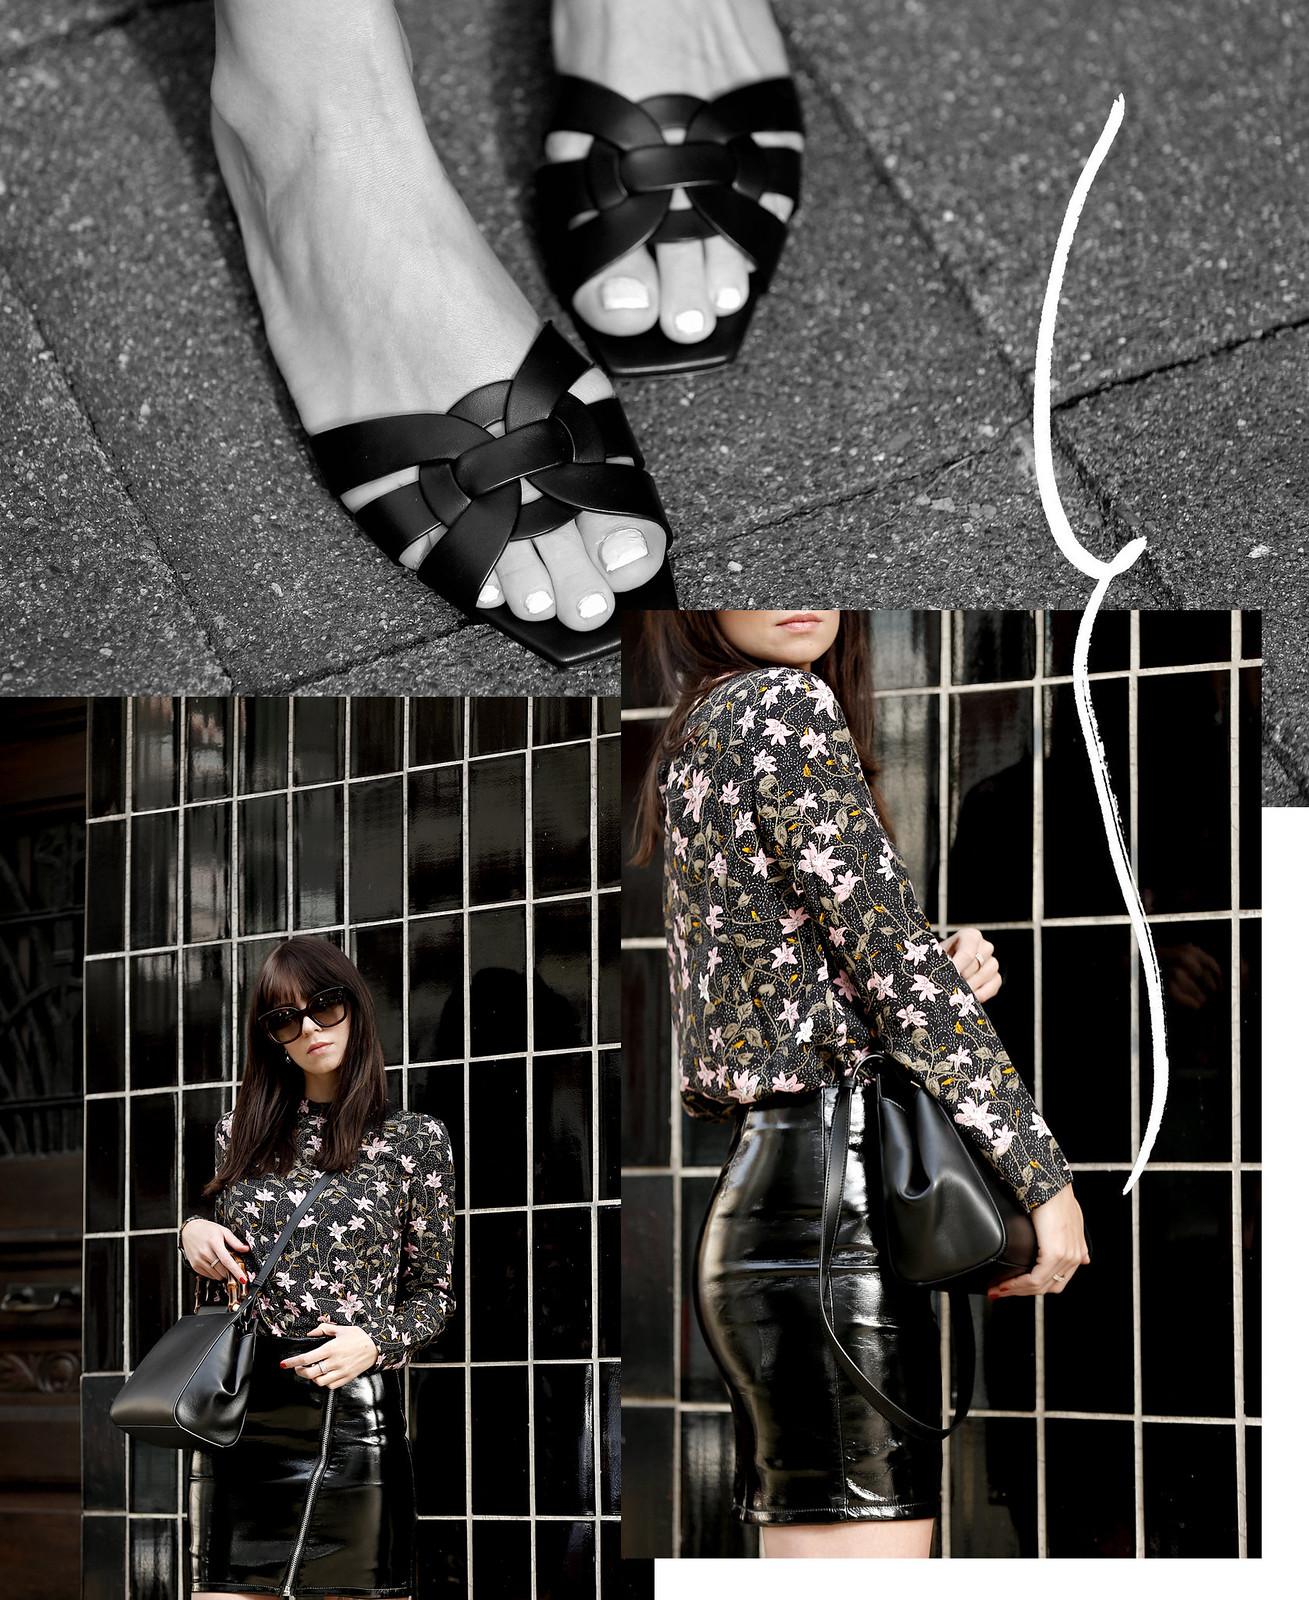 spring vibes vila floral blouse dress patent leather skirt asymmetric zipper gucci nymphaea bag saint laurent sandals cats & dogs ricarda schernus modeblogger fashionblogger outfit blogger 3